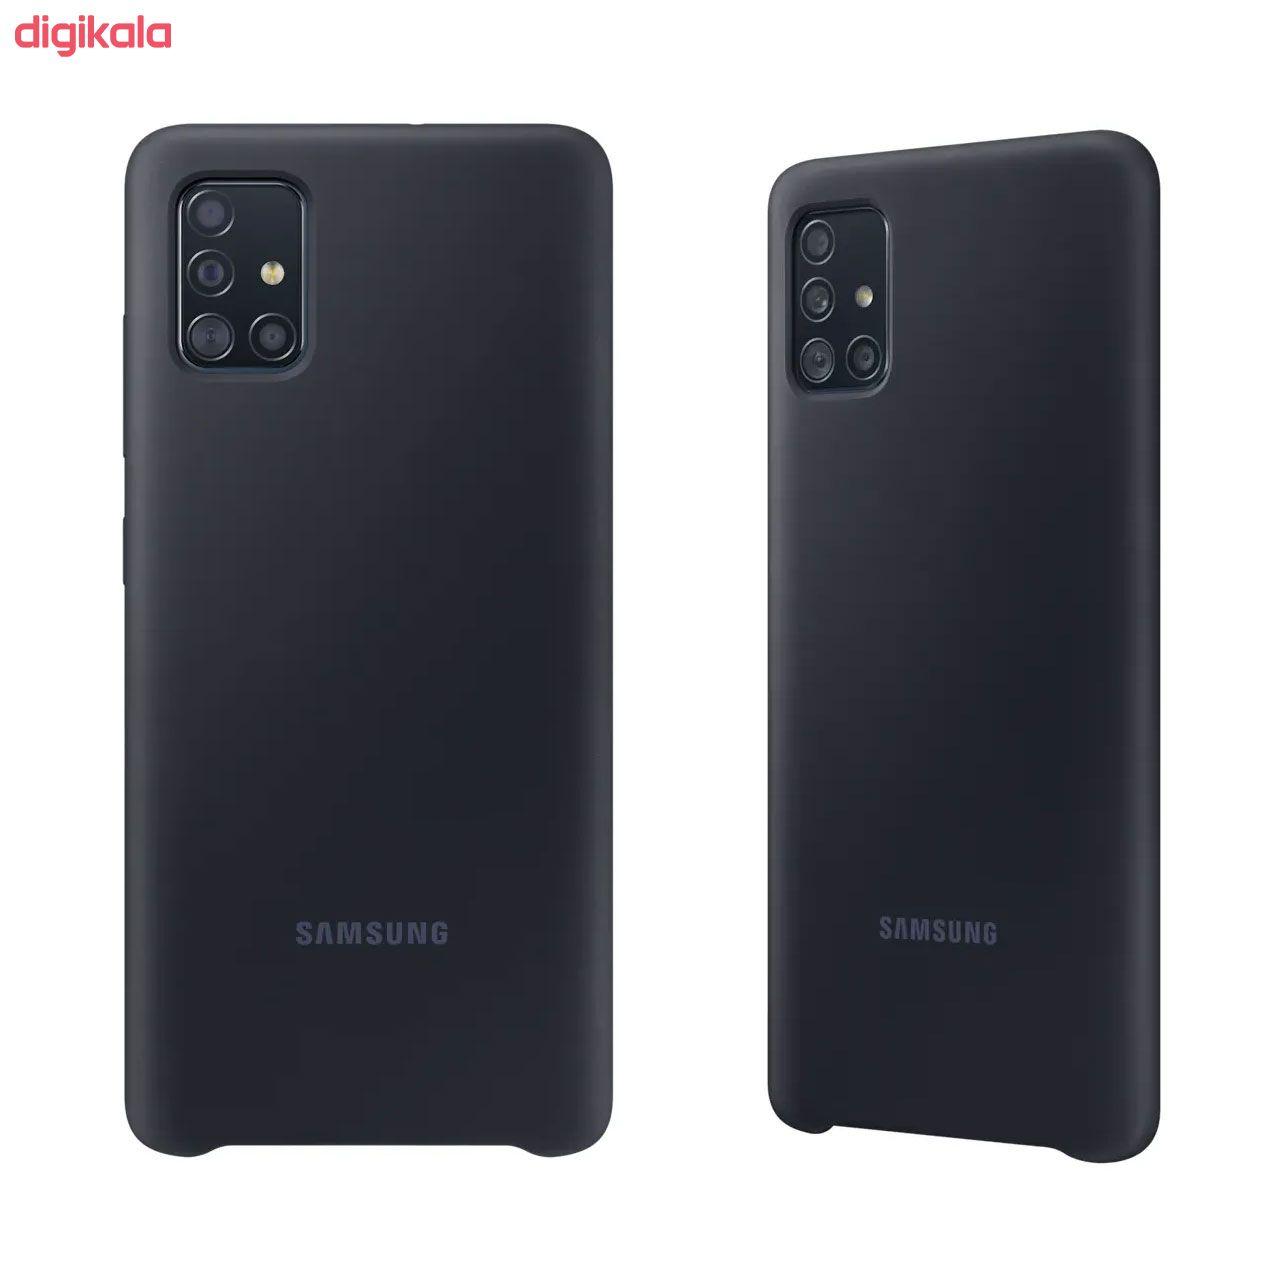 کاور مدل SLCN مناسب برای گوشی موبایل سامسونگ Galaxy A51 main 1 6